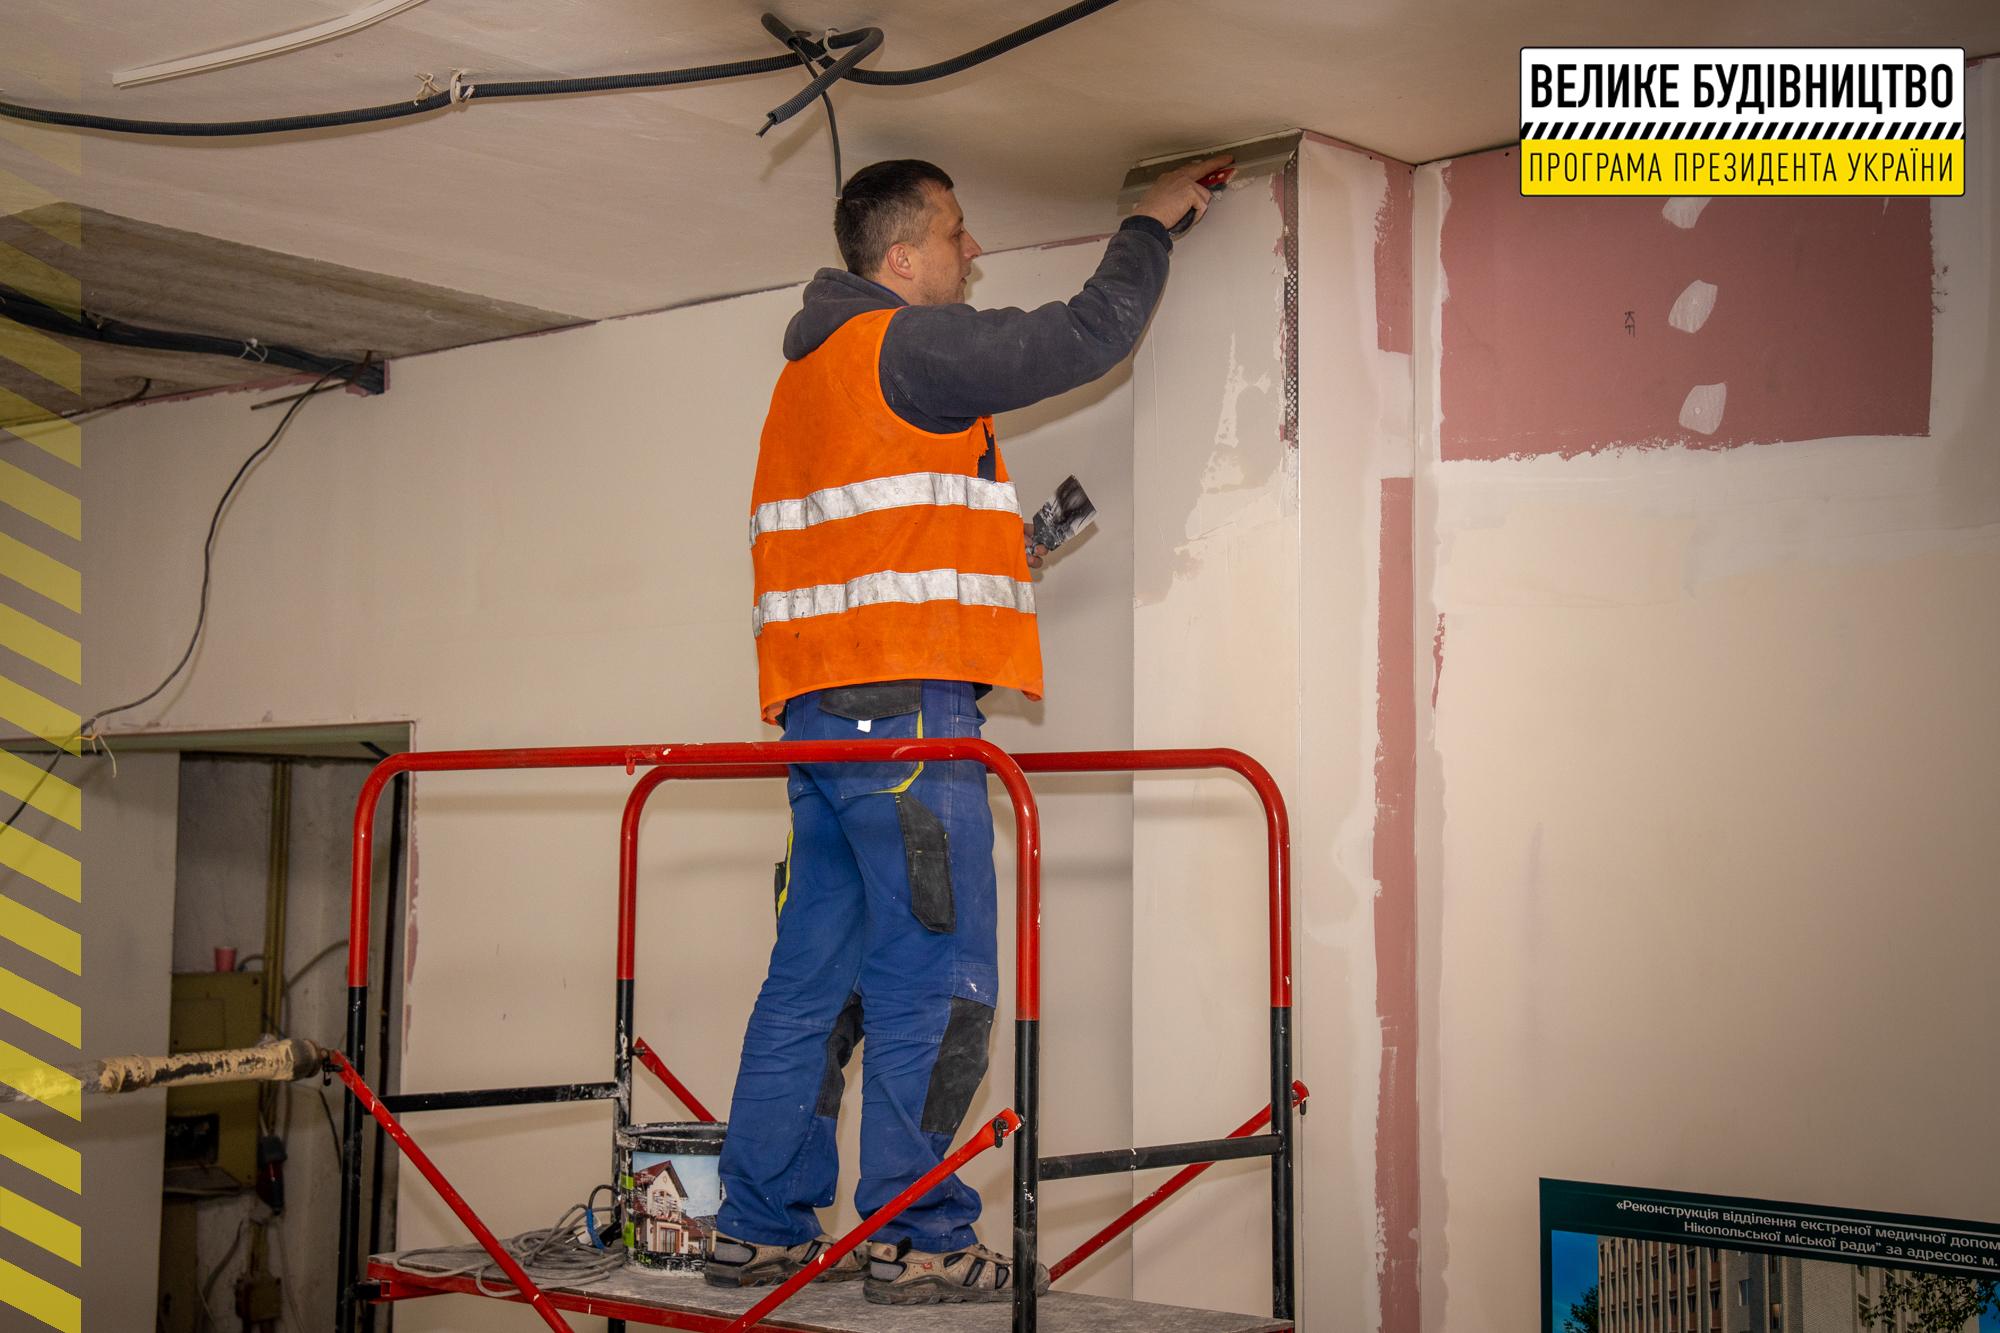 Триває реконструкція приймального відділення Нікопольської міської лікарні №4 | Прихист